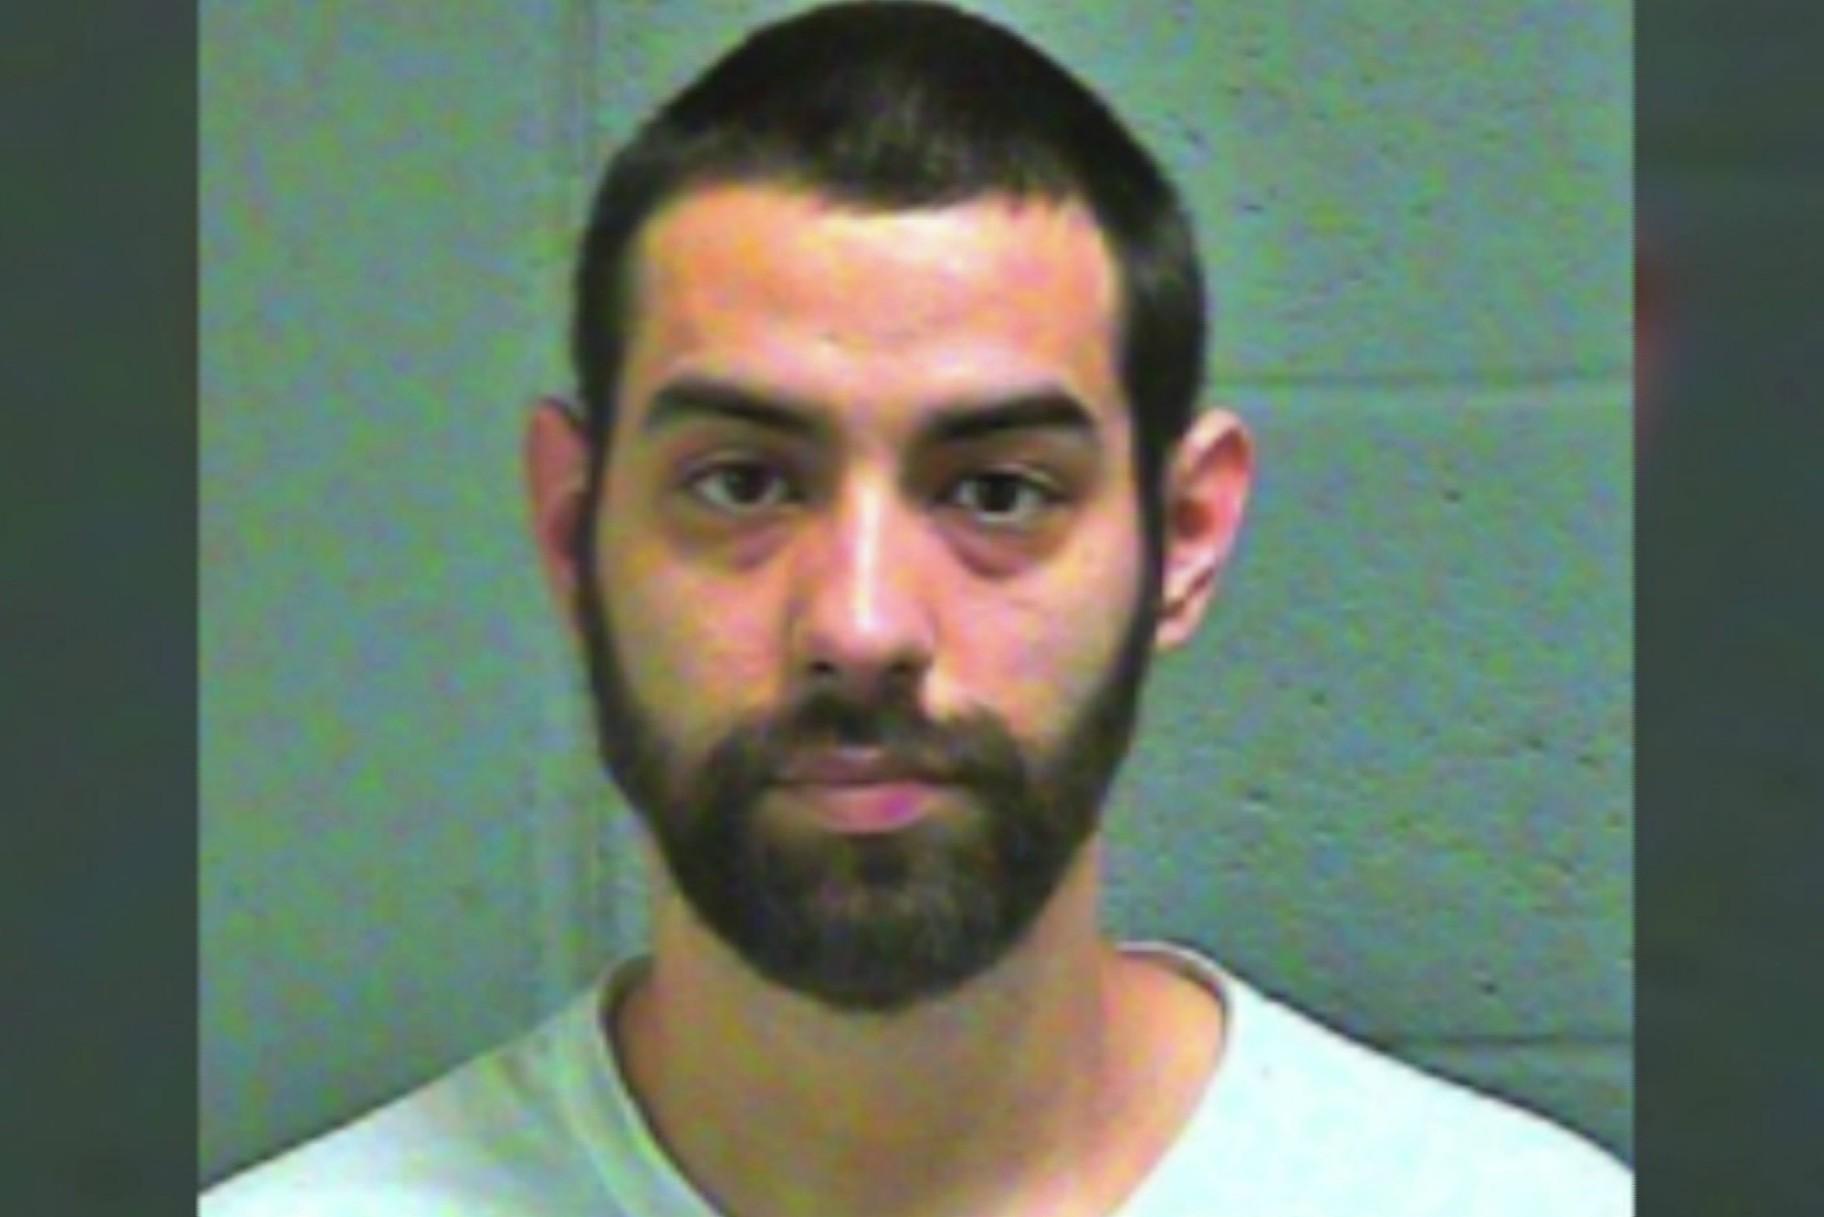 Hombre arrestado después de que un primo de 11 años encontrara pornografía infantil en su Apple Watch